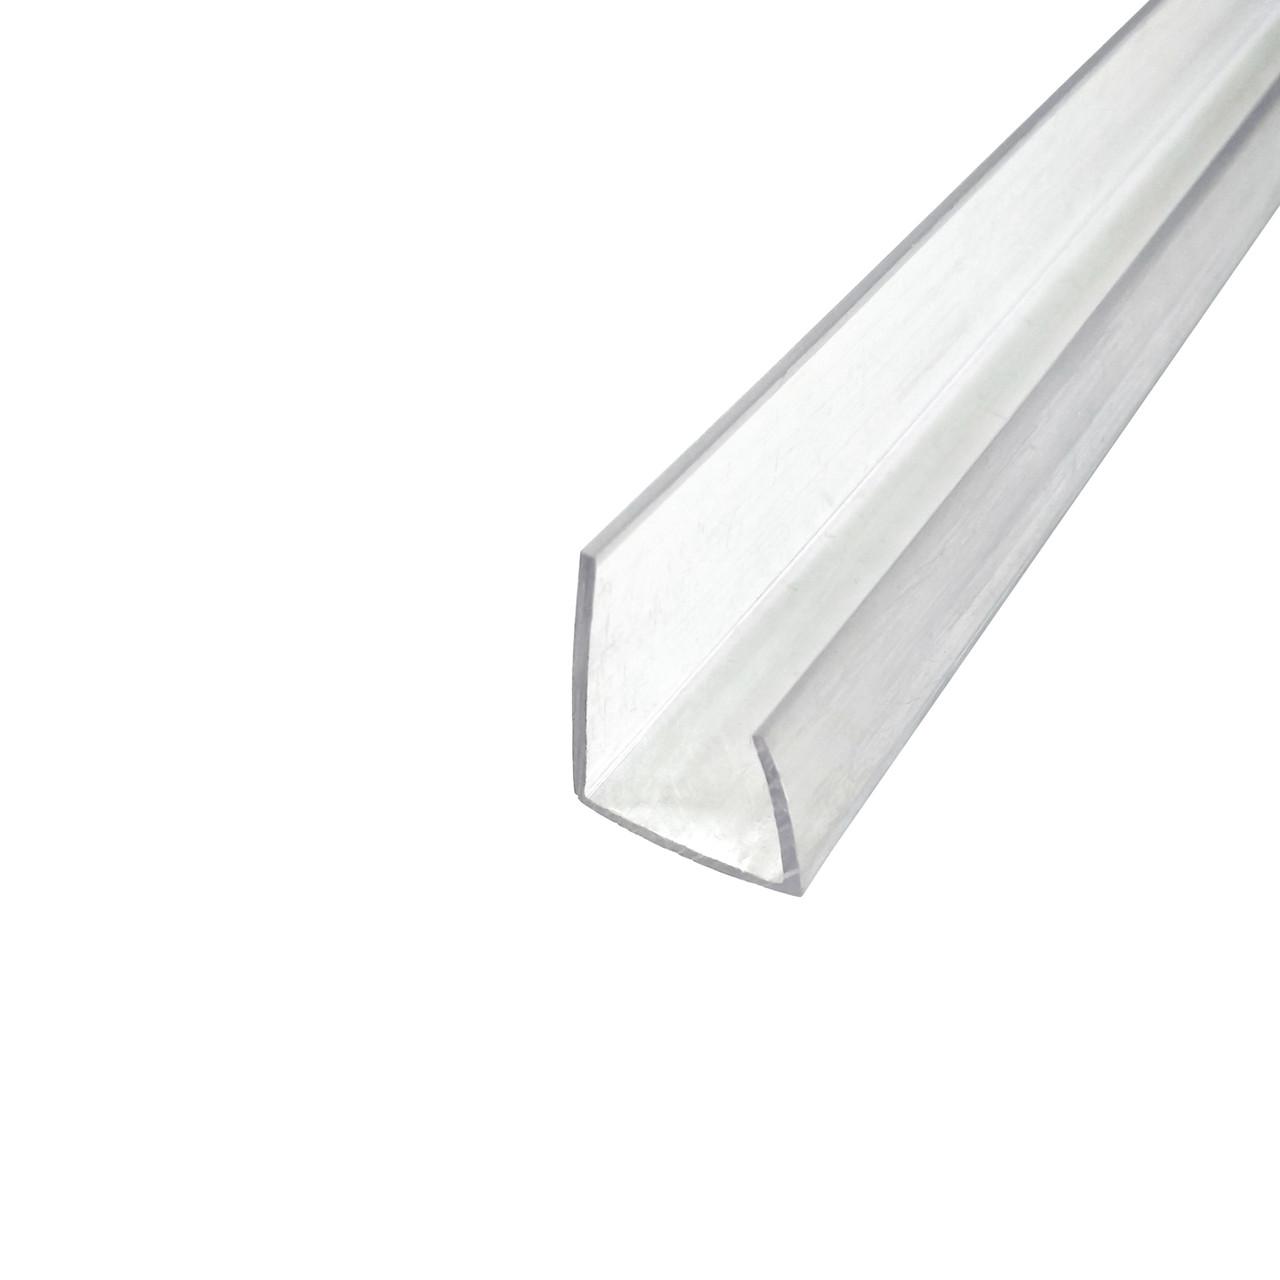 Профиль торцевой, прозрачный, 2.1 м, для листов поликарбоната 4 мм